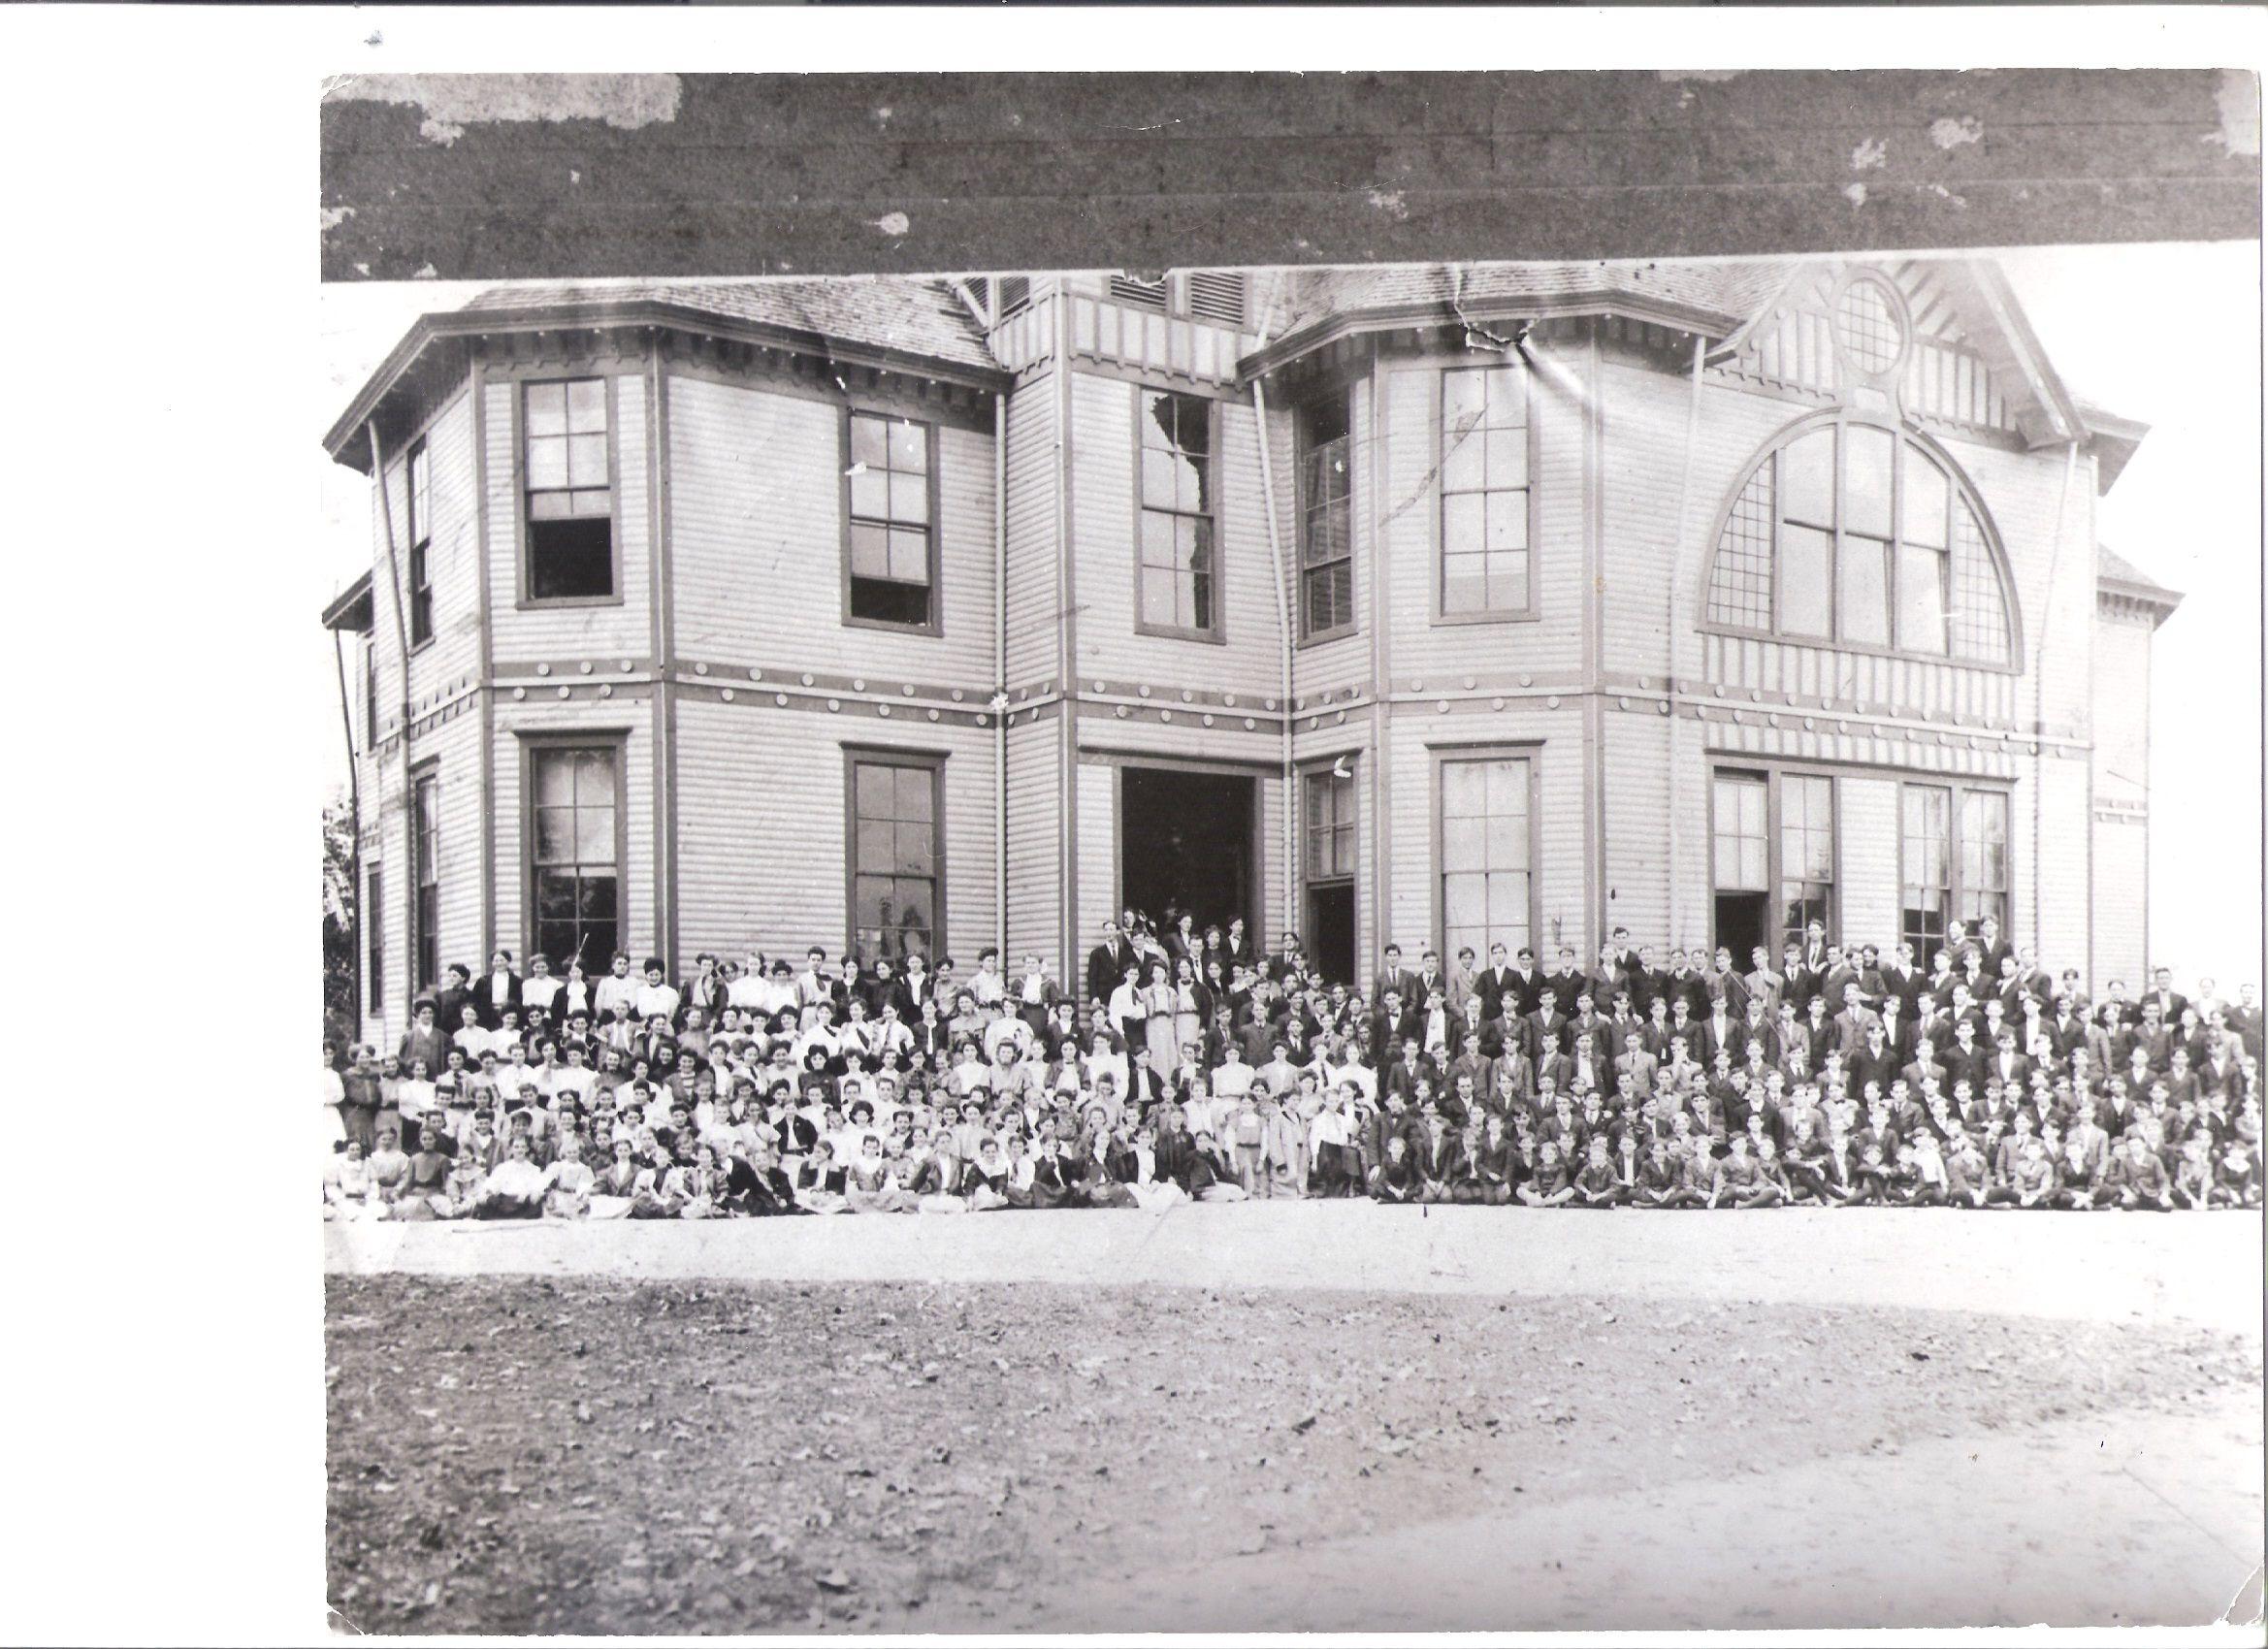 Colormaster albertville al - Seventh District Agricultural School Albertville Alabama Ca 1900 Picture On Display At Albertville Museum